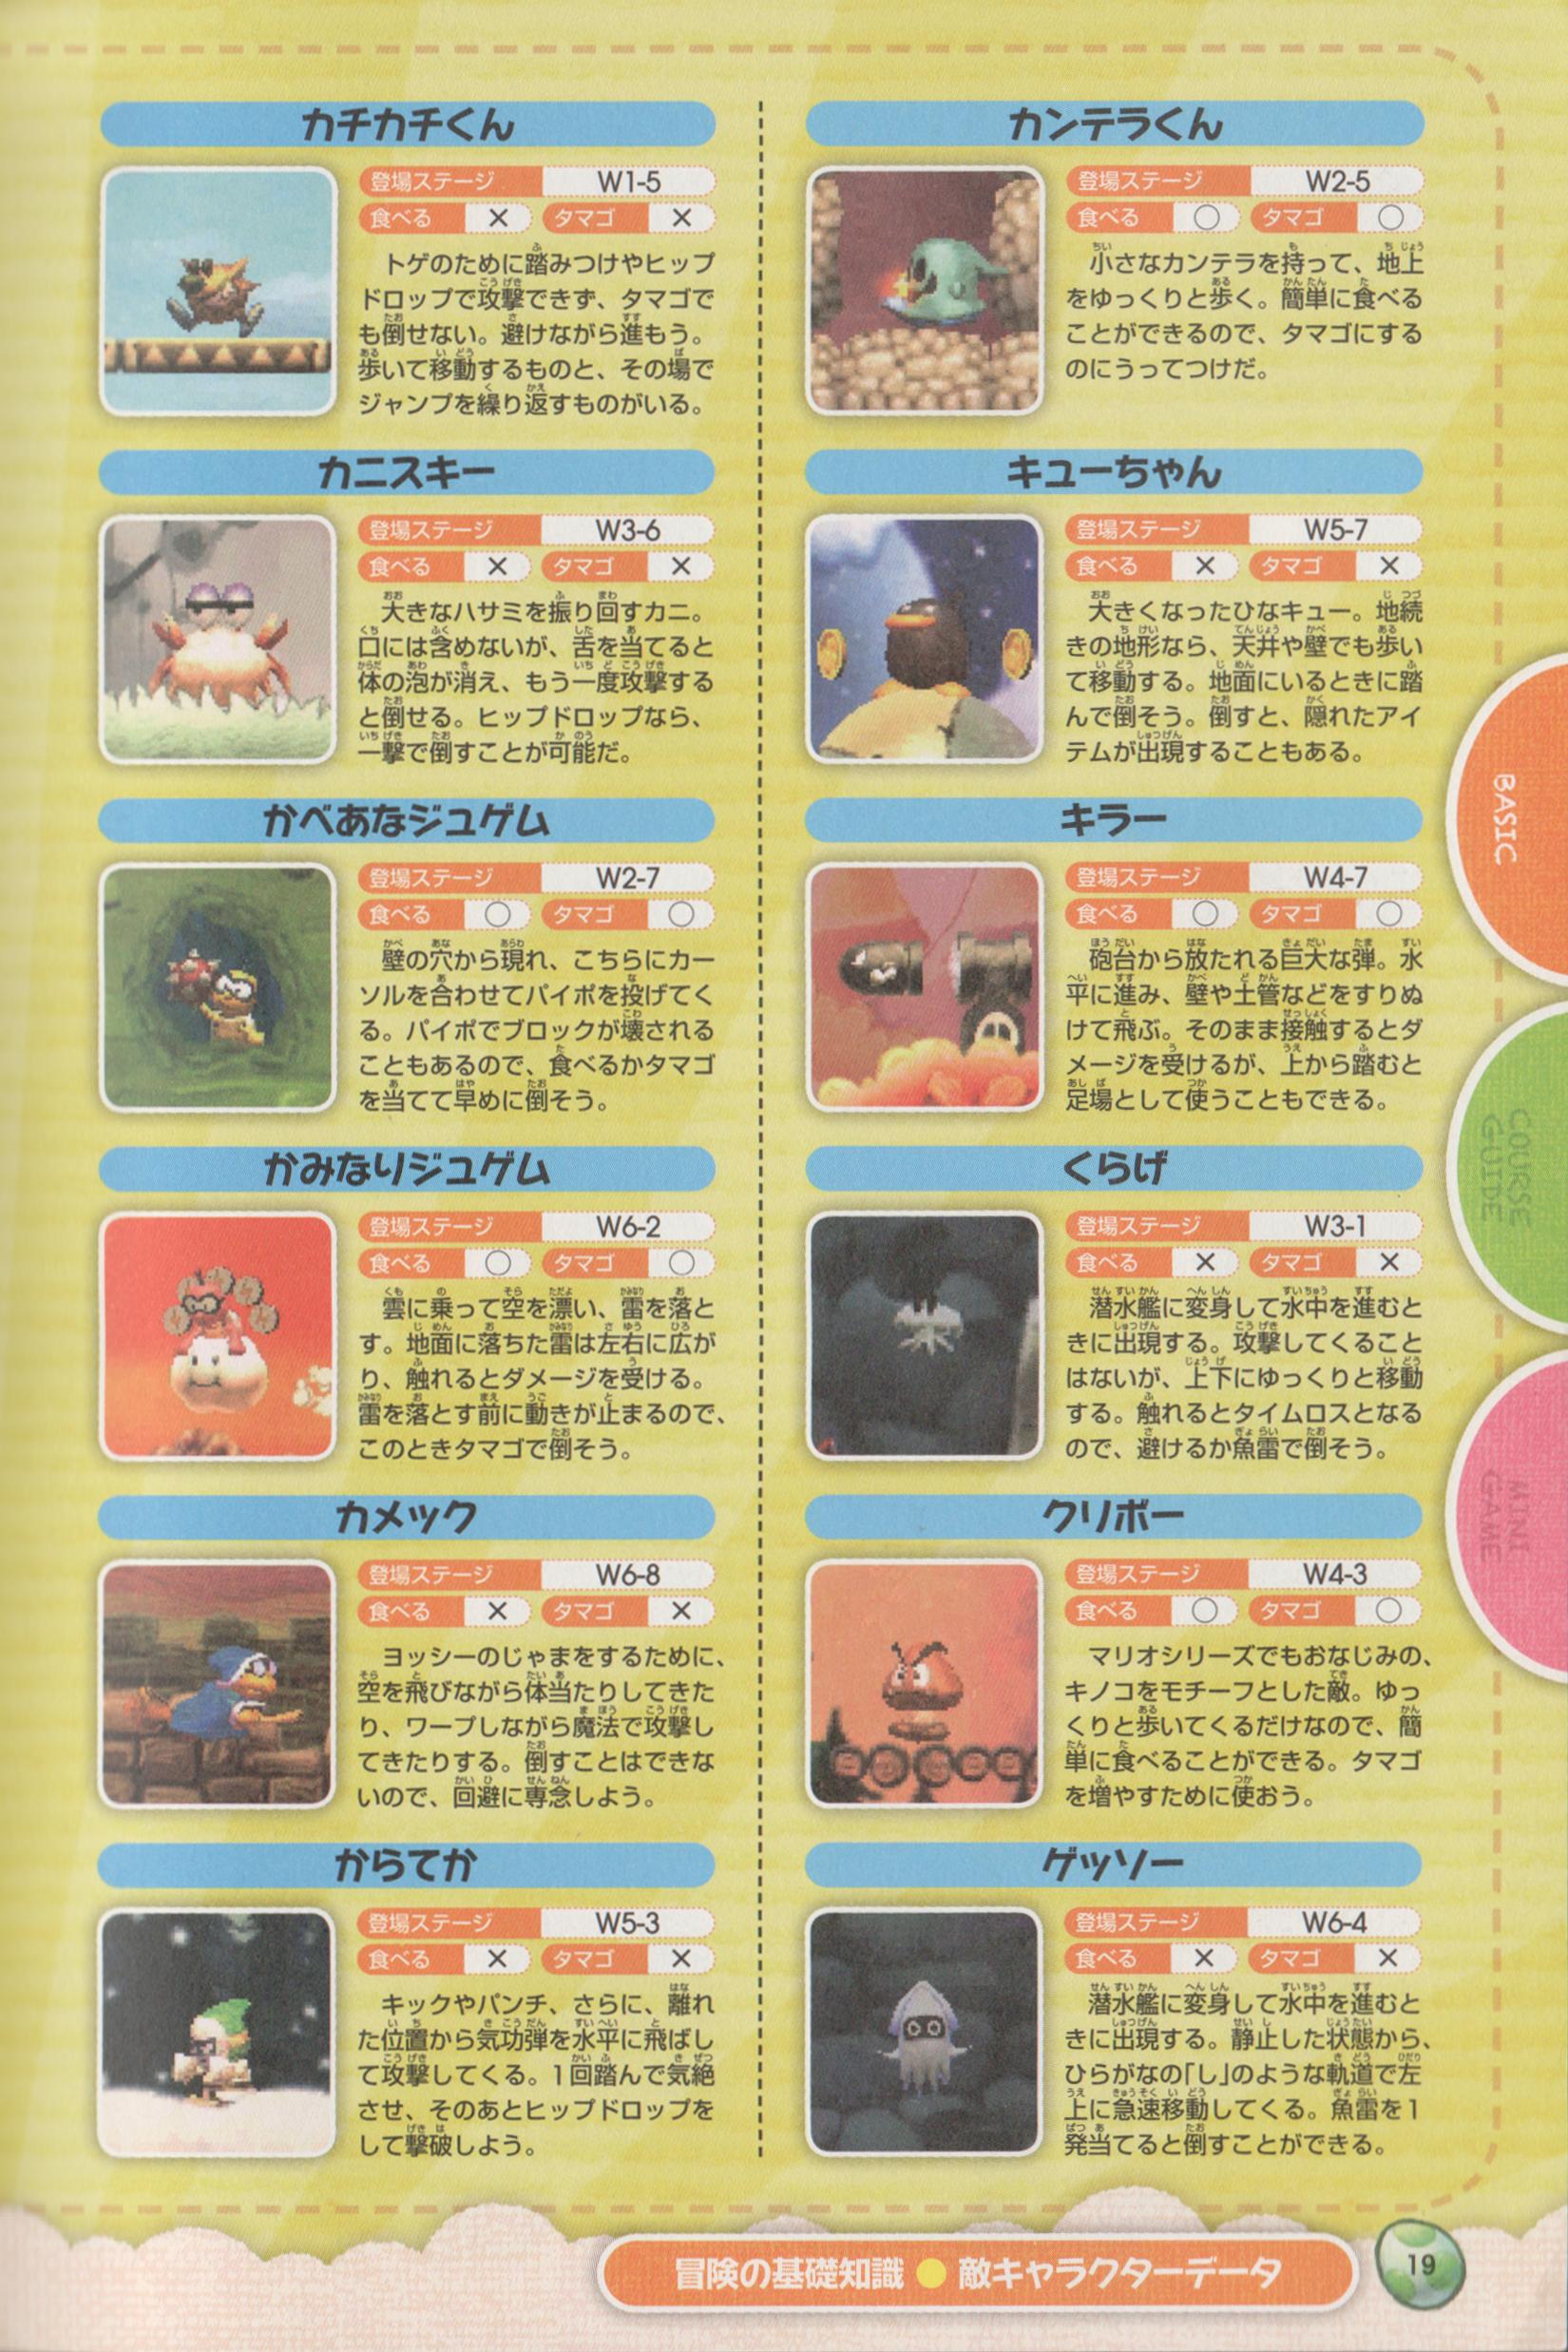 Raven Super Mario Wiki The Mario Encyclopedia